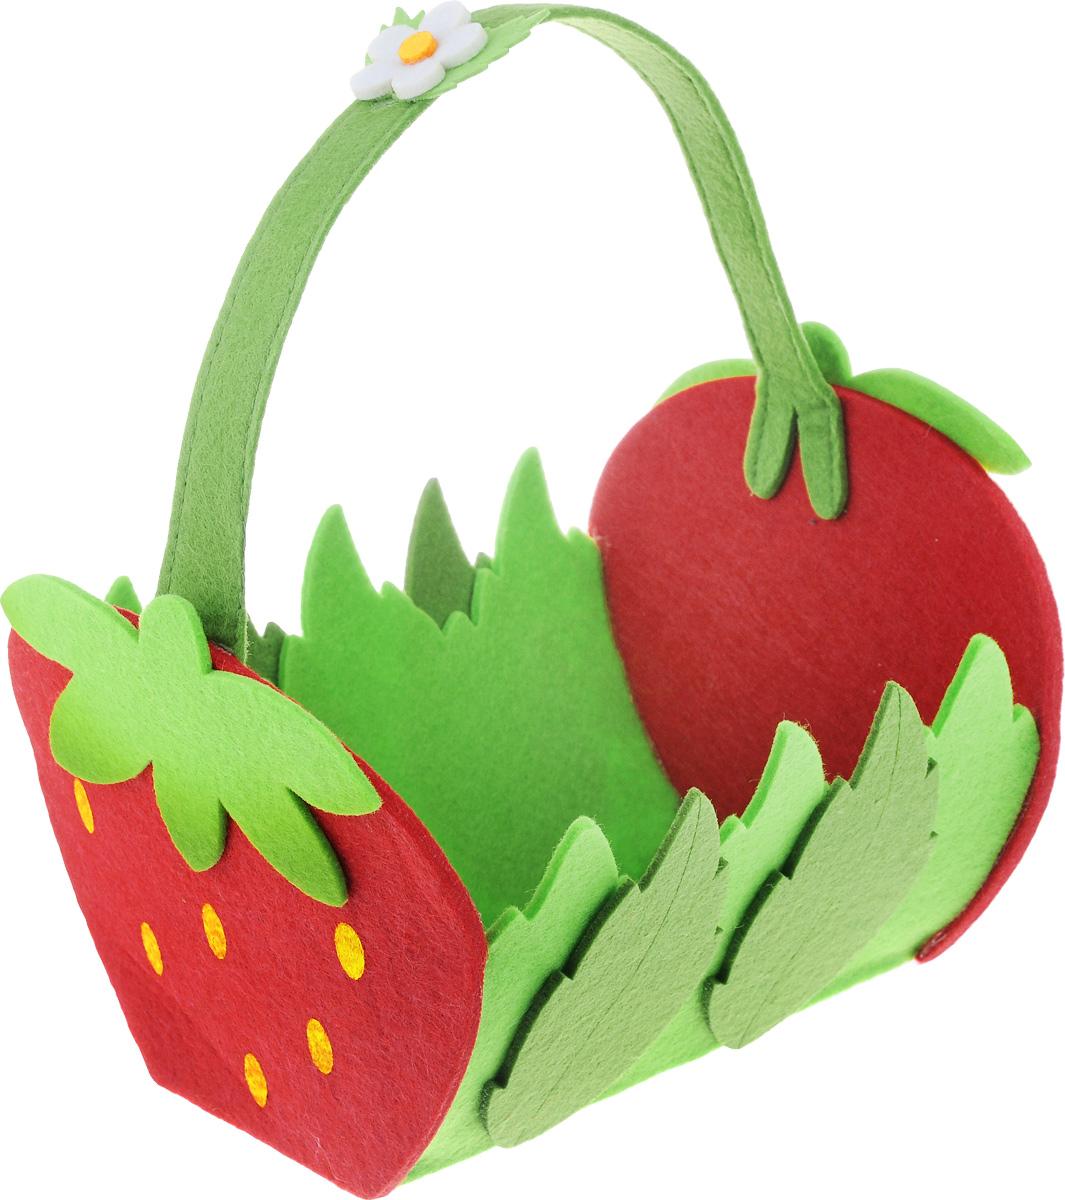 Декоративное украшение RTO Корзинка, цвет: красный, зеленый, 23 х 19 х 15 смHCQ02-2228Декоративное украшение RTO Корзинка предназначено для оформления интерьера. Изделие выполнено из фетра, стенки оформлены в виде ягод клубники и листьев. Декоративное украшение послужит приятным и полезным сувениром для близких и знакомых и, несомненно, доставит массу положительных эмоций своему обладателю.